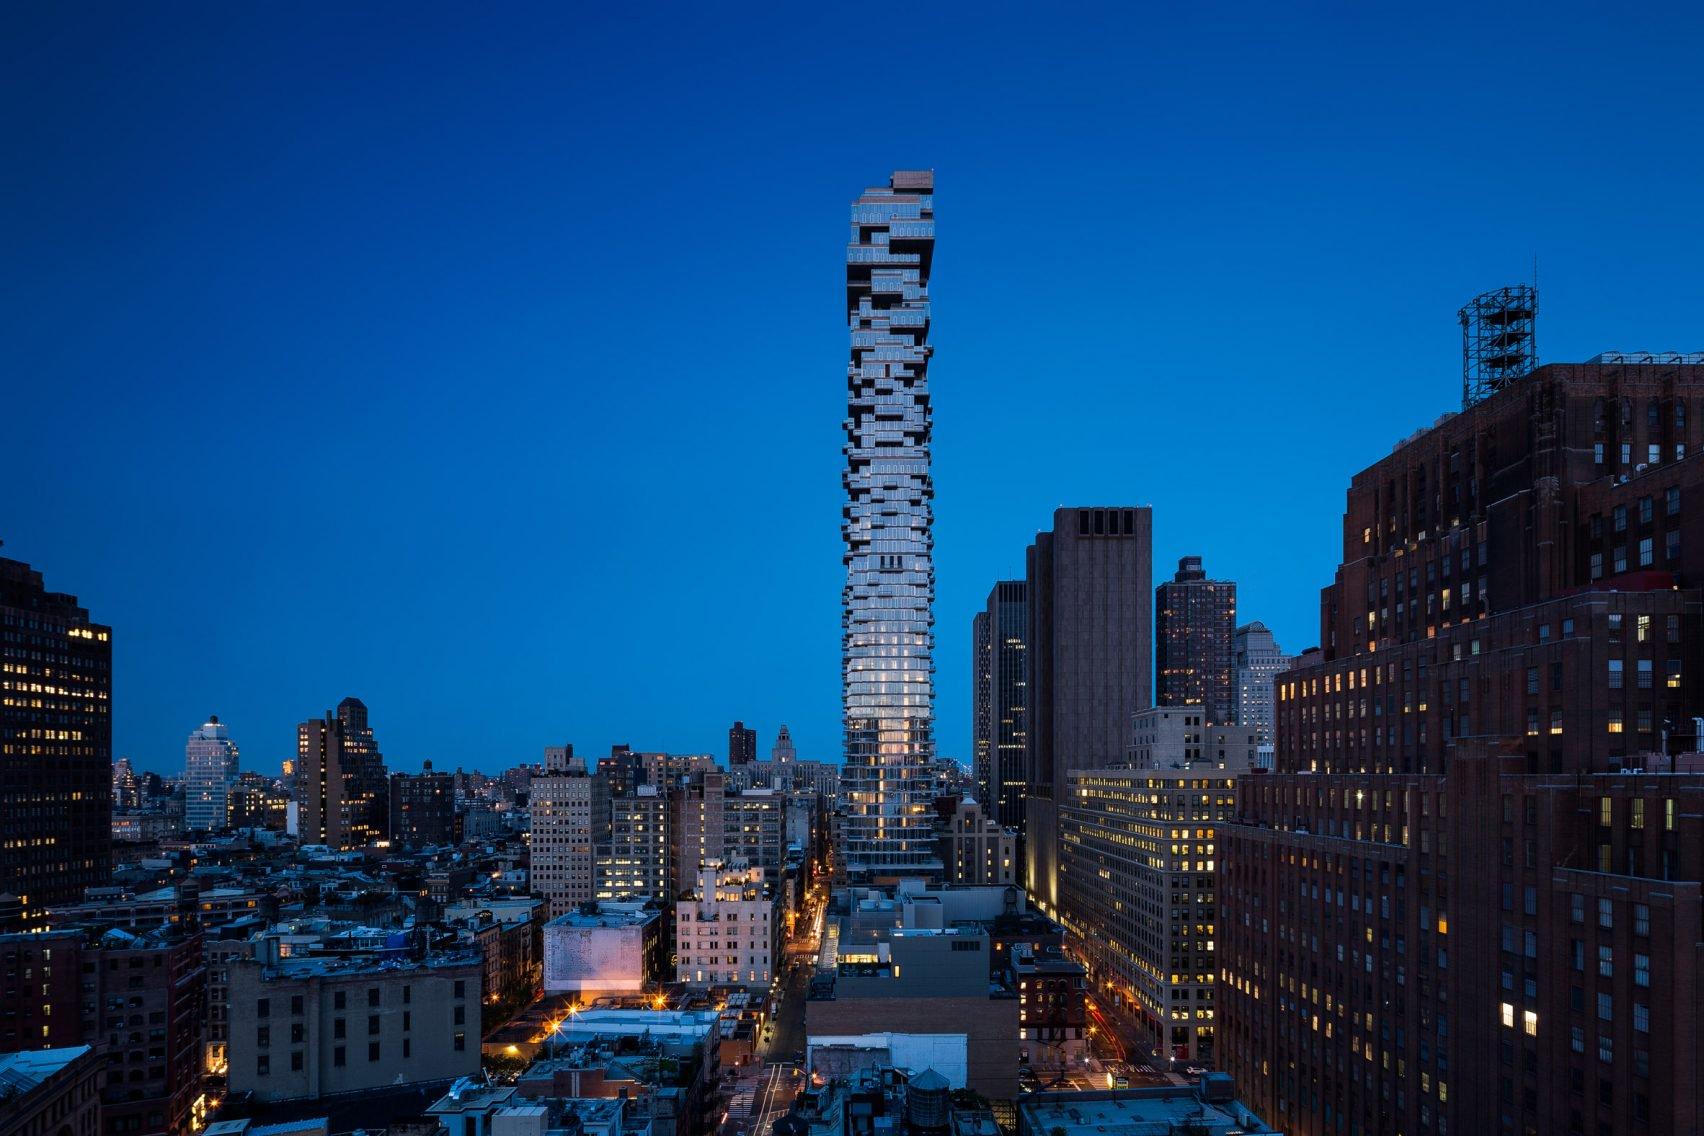 56-leonard-jenga-tower-herzog-and-de-meuron-amenities-interior-tribeca-skyscraper-exterior_dezeen_2364_col_2-1704x1136.jpg